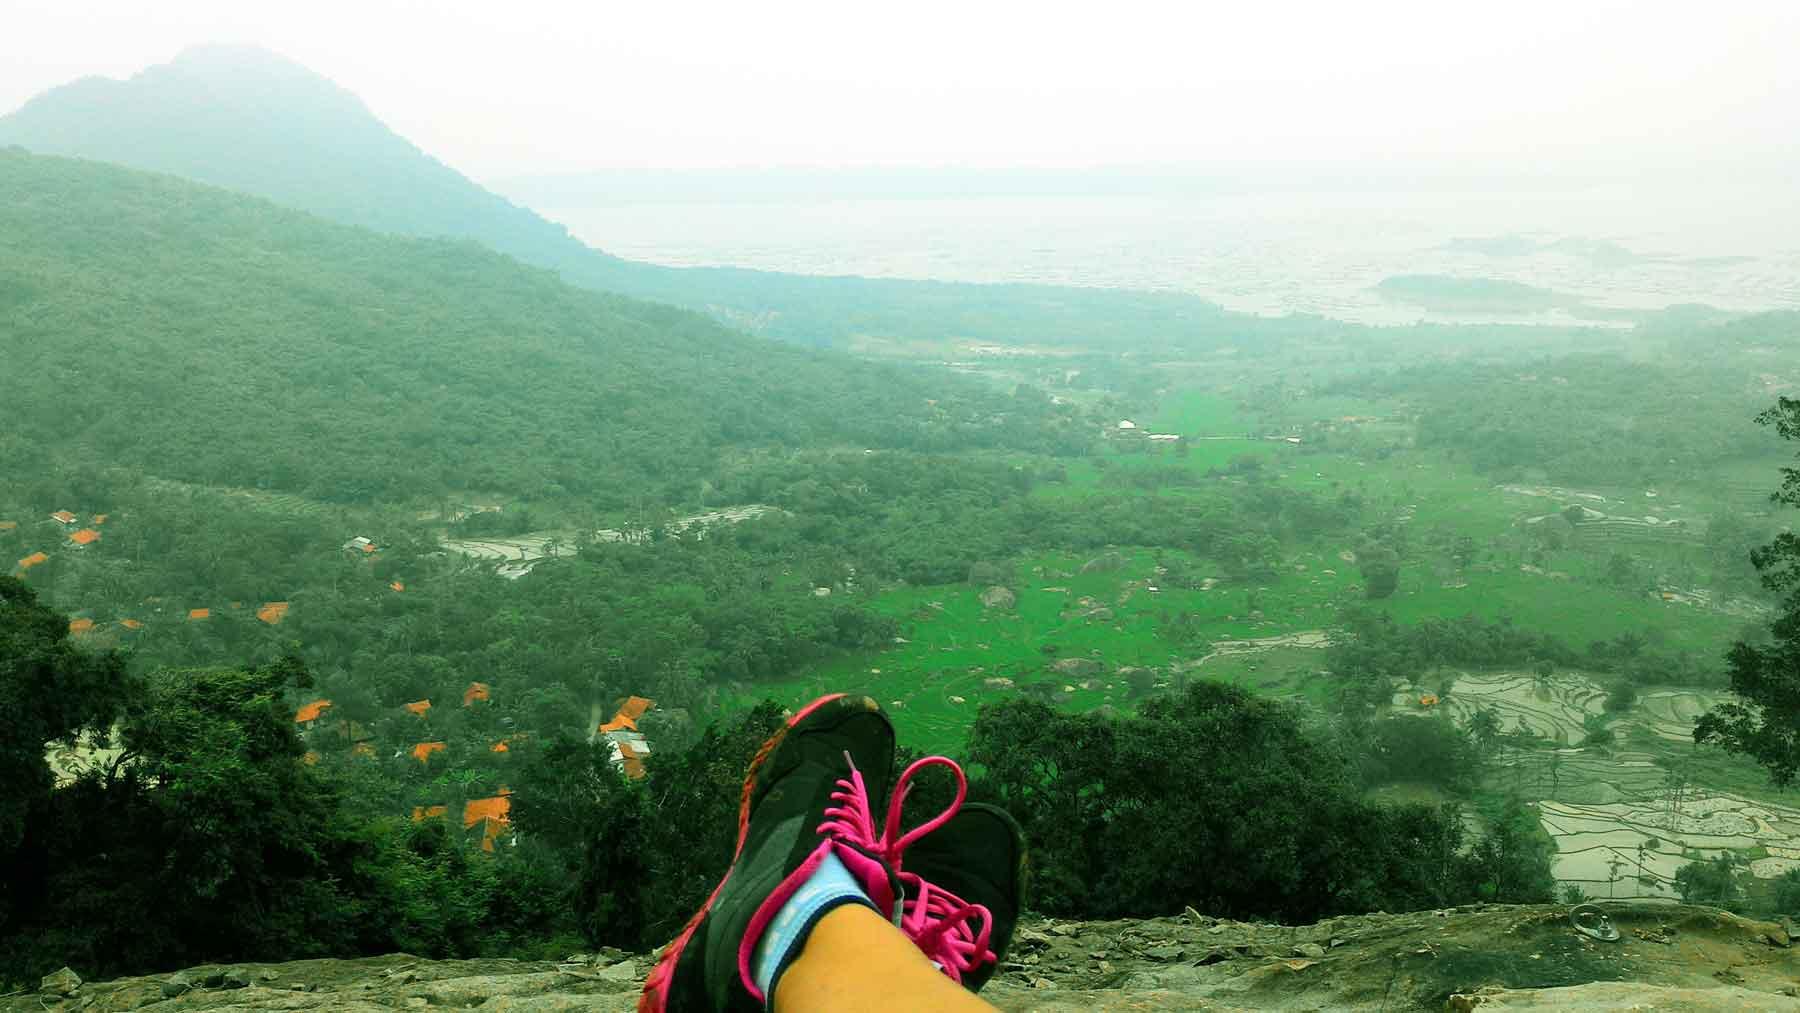 Nikmati Weekend dengan Uji Adrenalin di Badega Gunung Parang